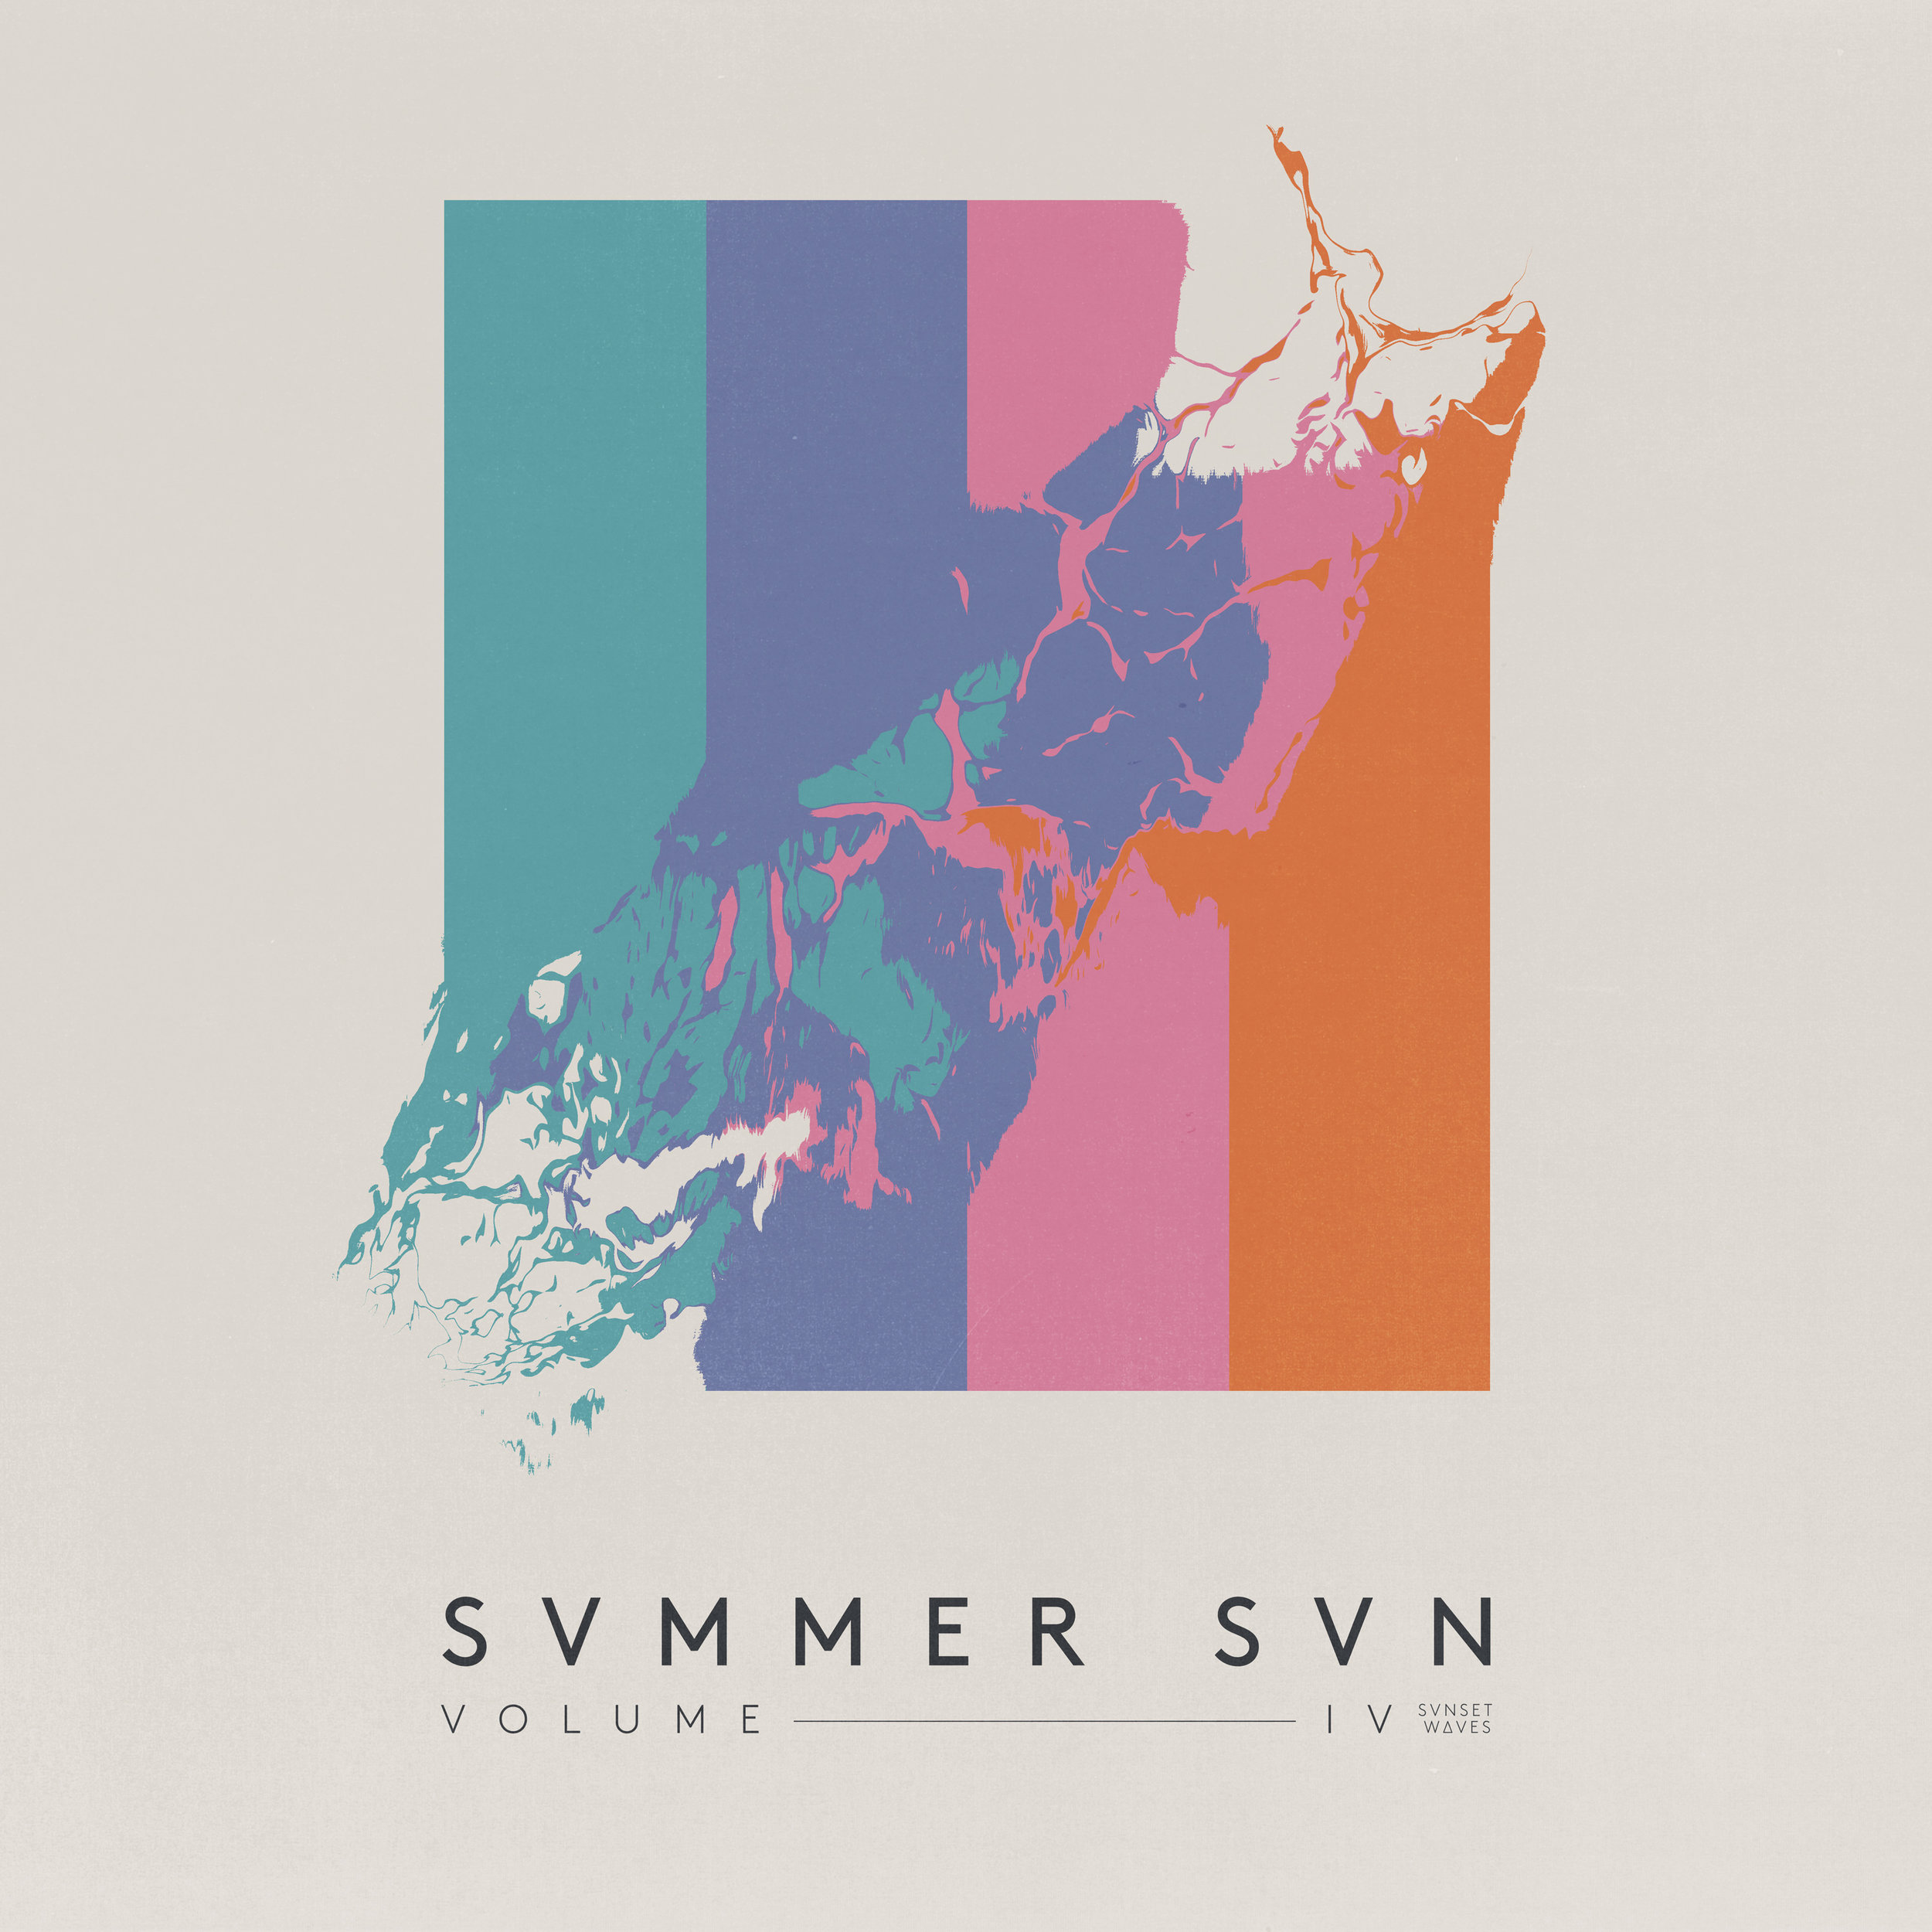 SVMMER SVN vol. 4  /  Compilation  / July 30, 2016